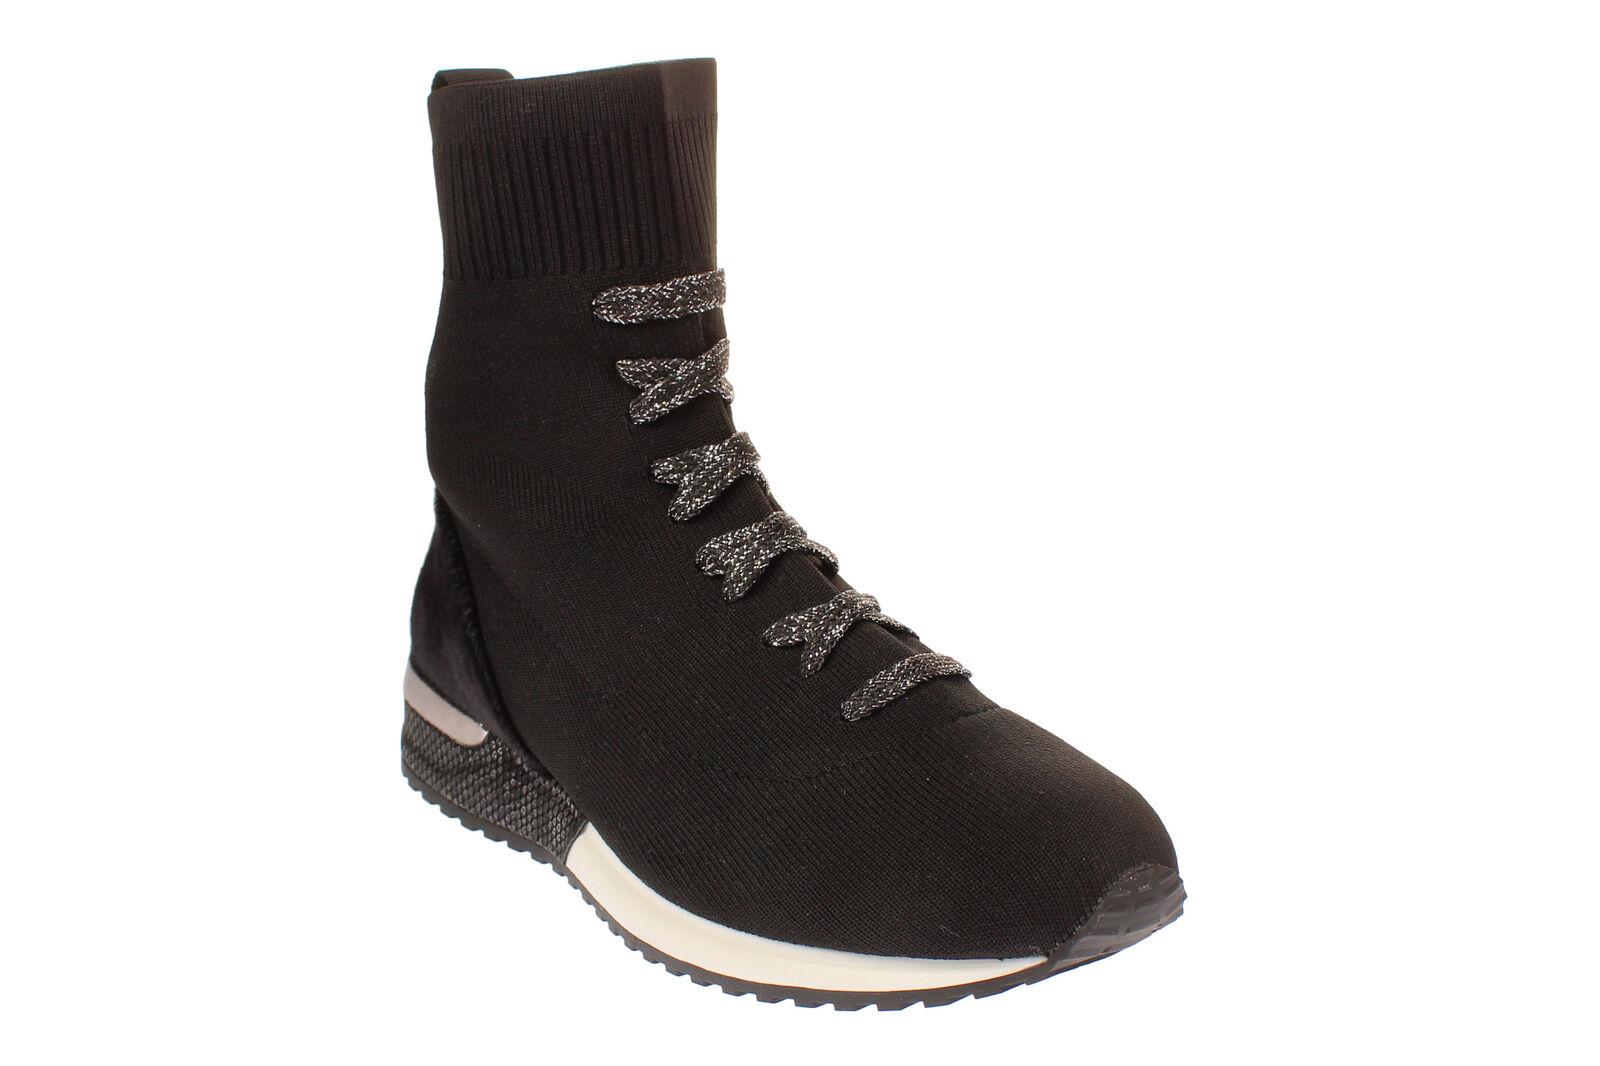 La strada 1717154-Donna Scarpe Stivali scarpe da ginnastica Per Il Tempo Libero Scarpe-Knitted-nero